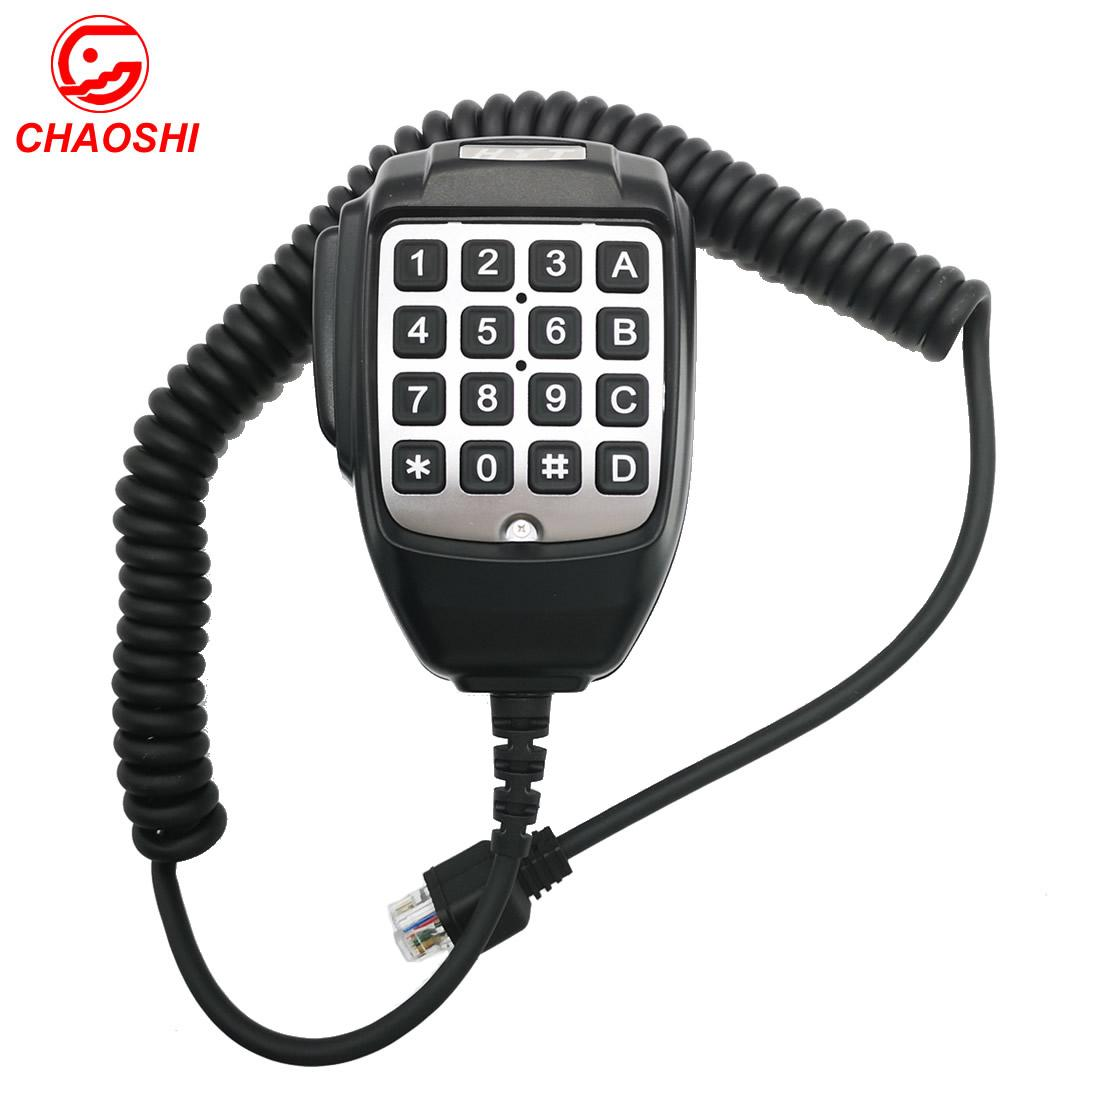 适用于TM600编码话筒SM07R1 1